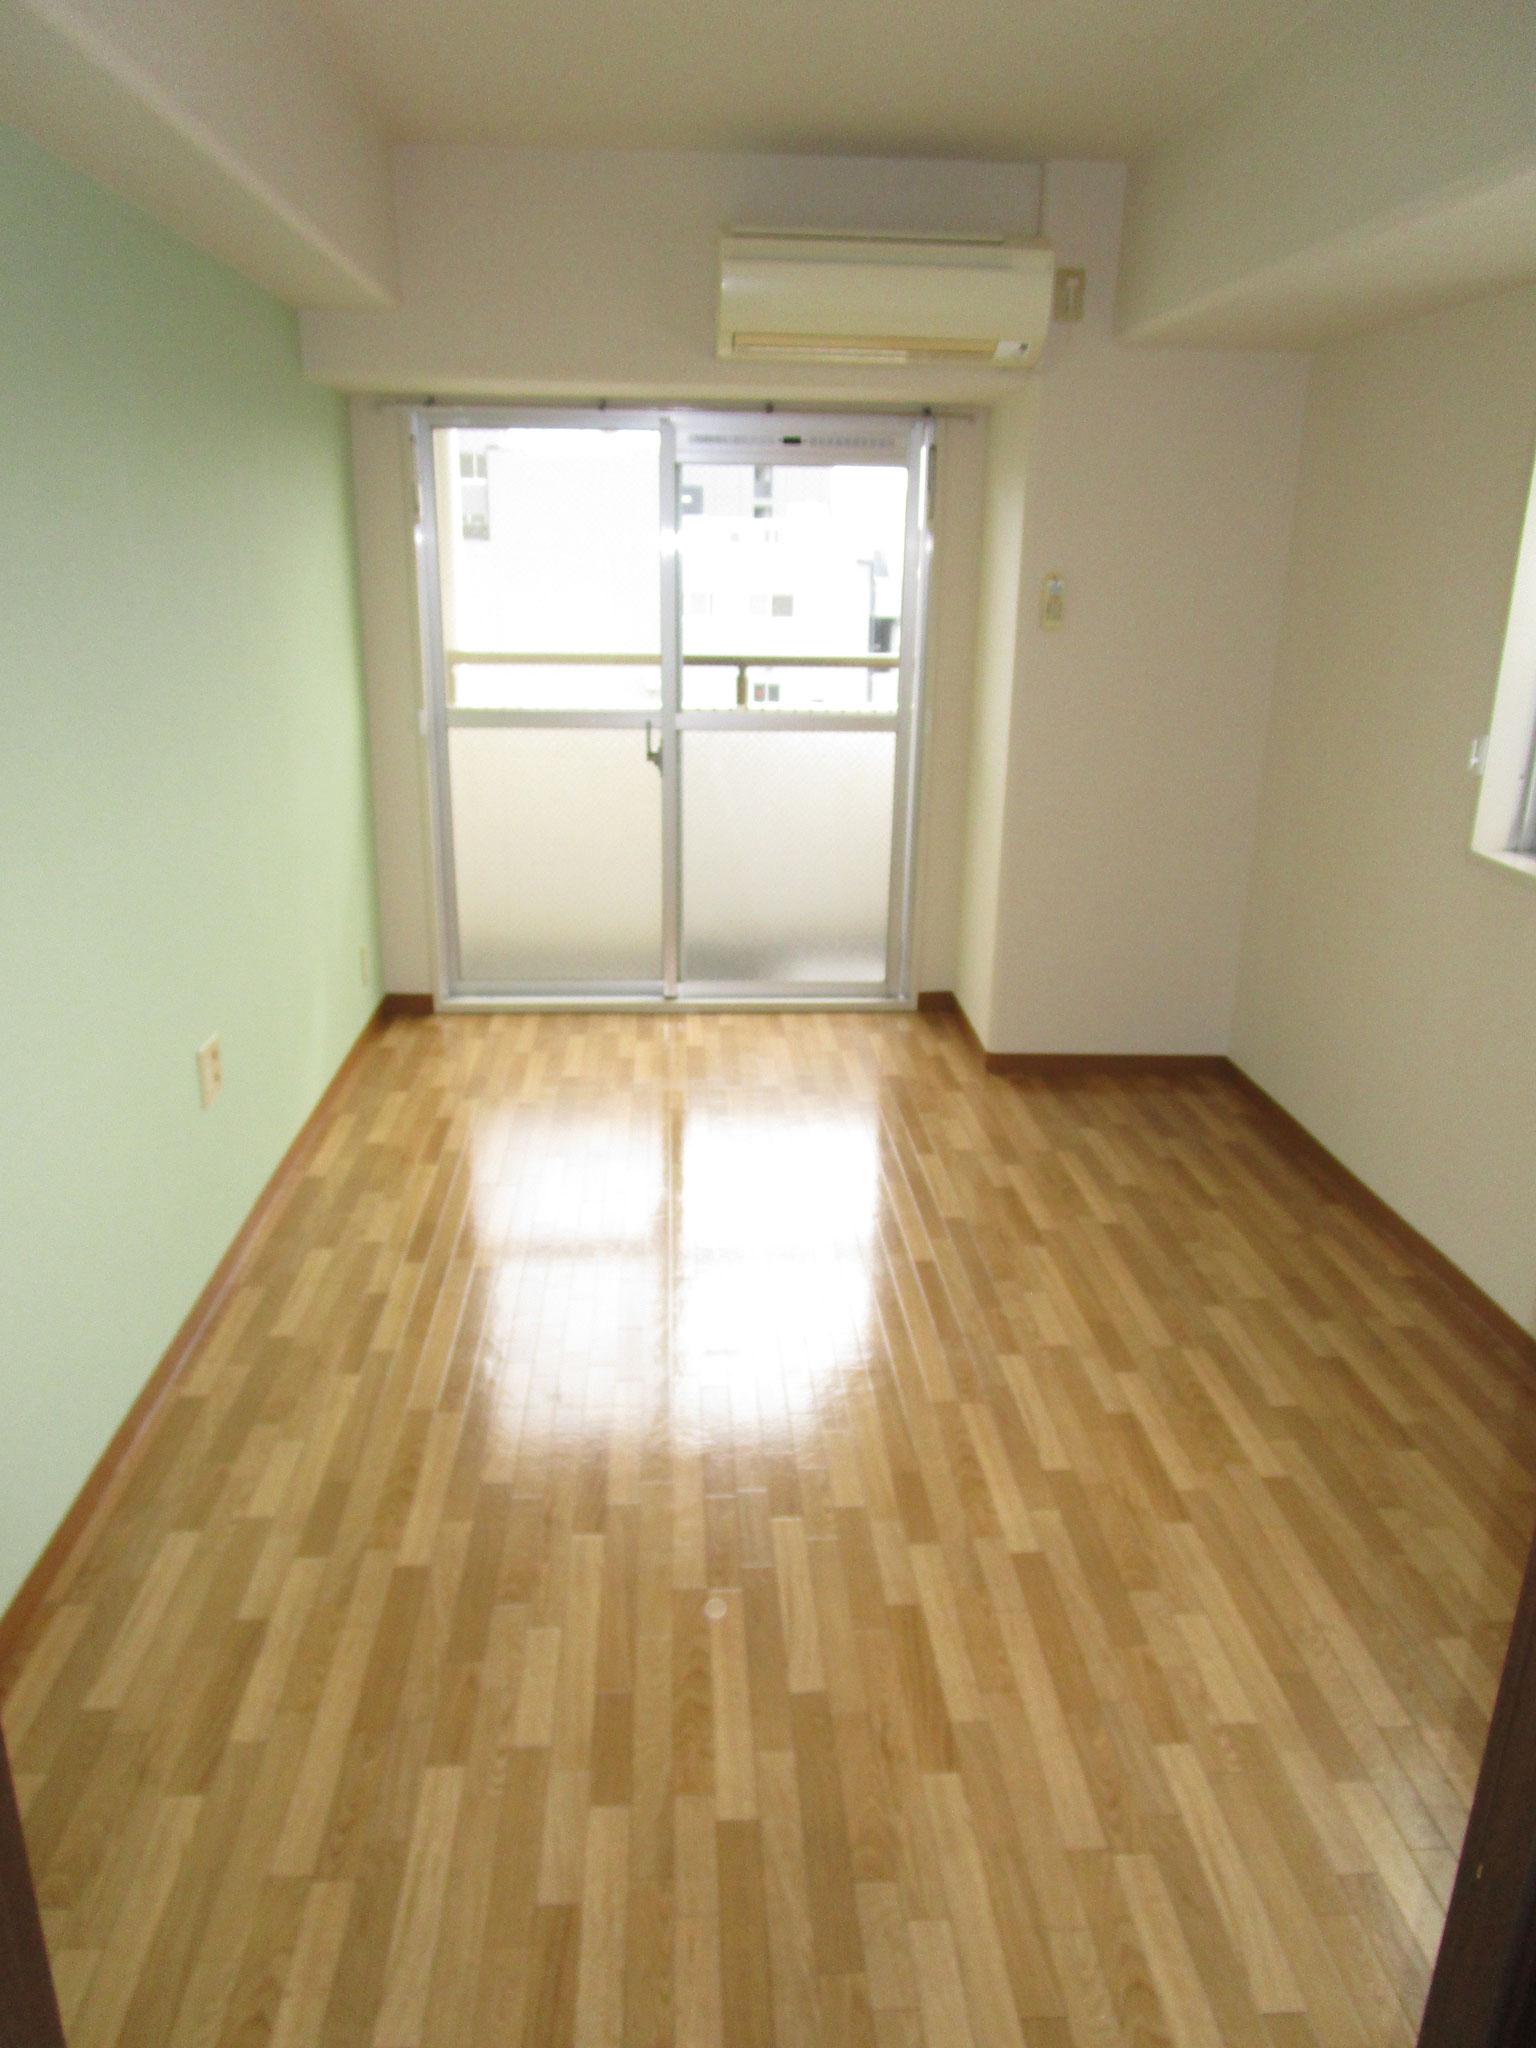 居室入り口からバルコニー方向